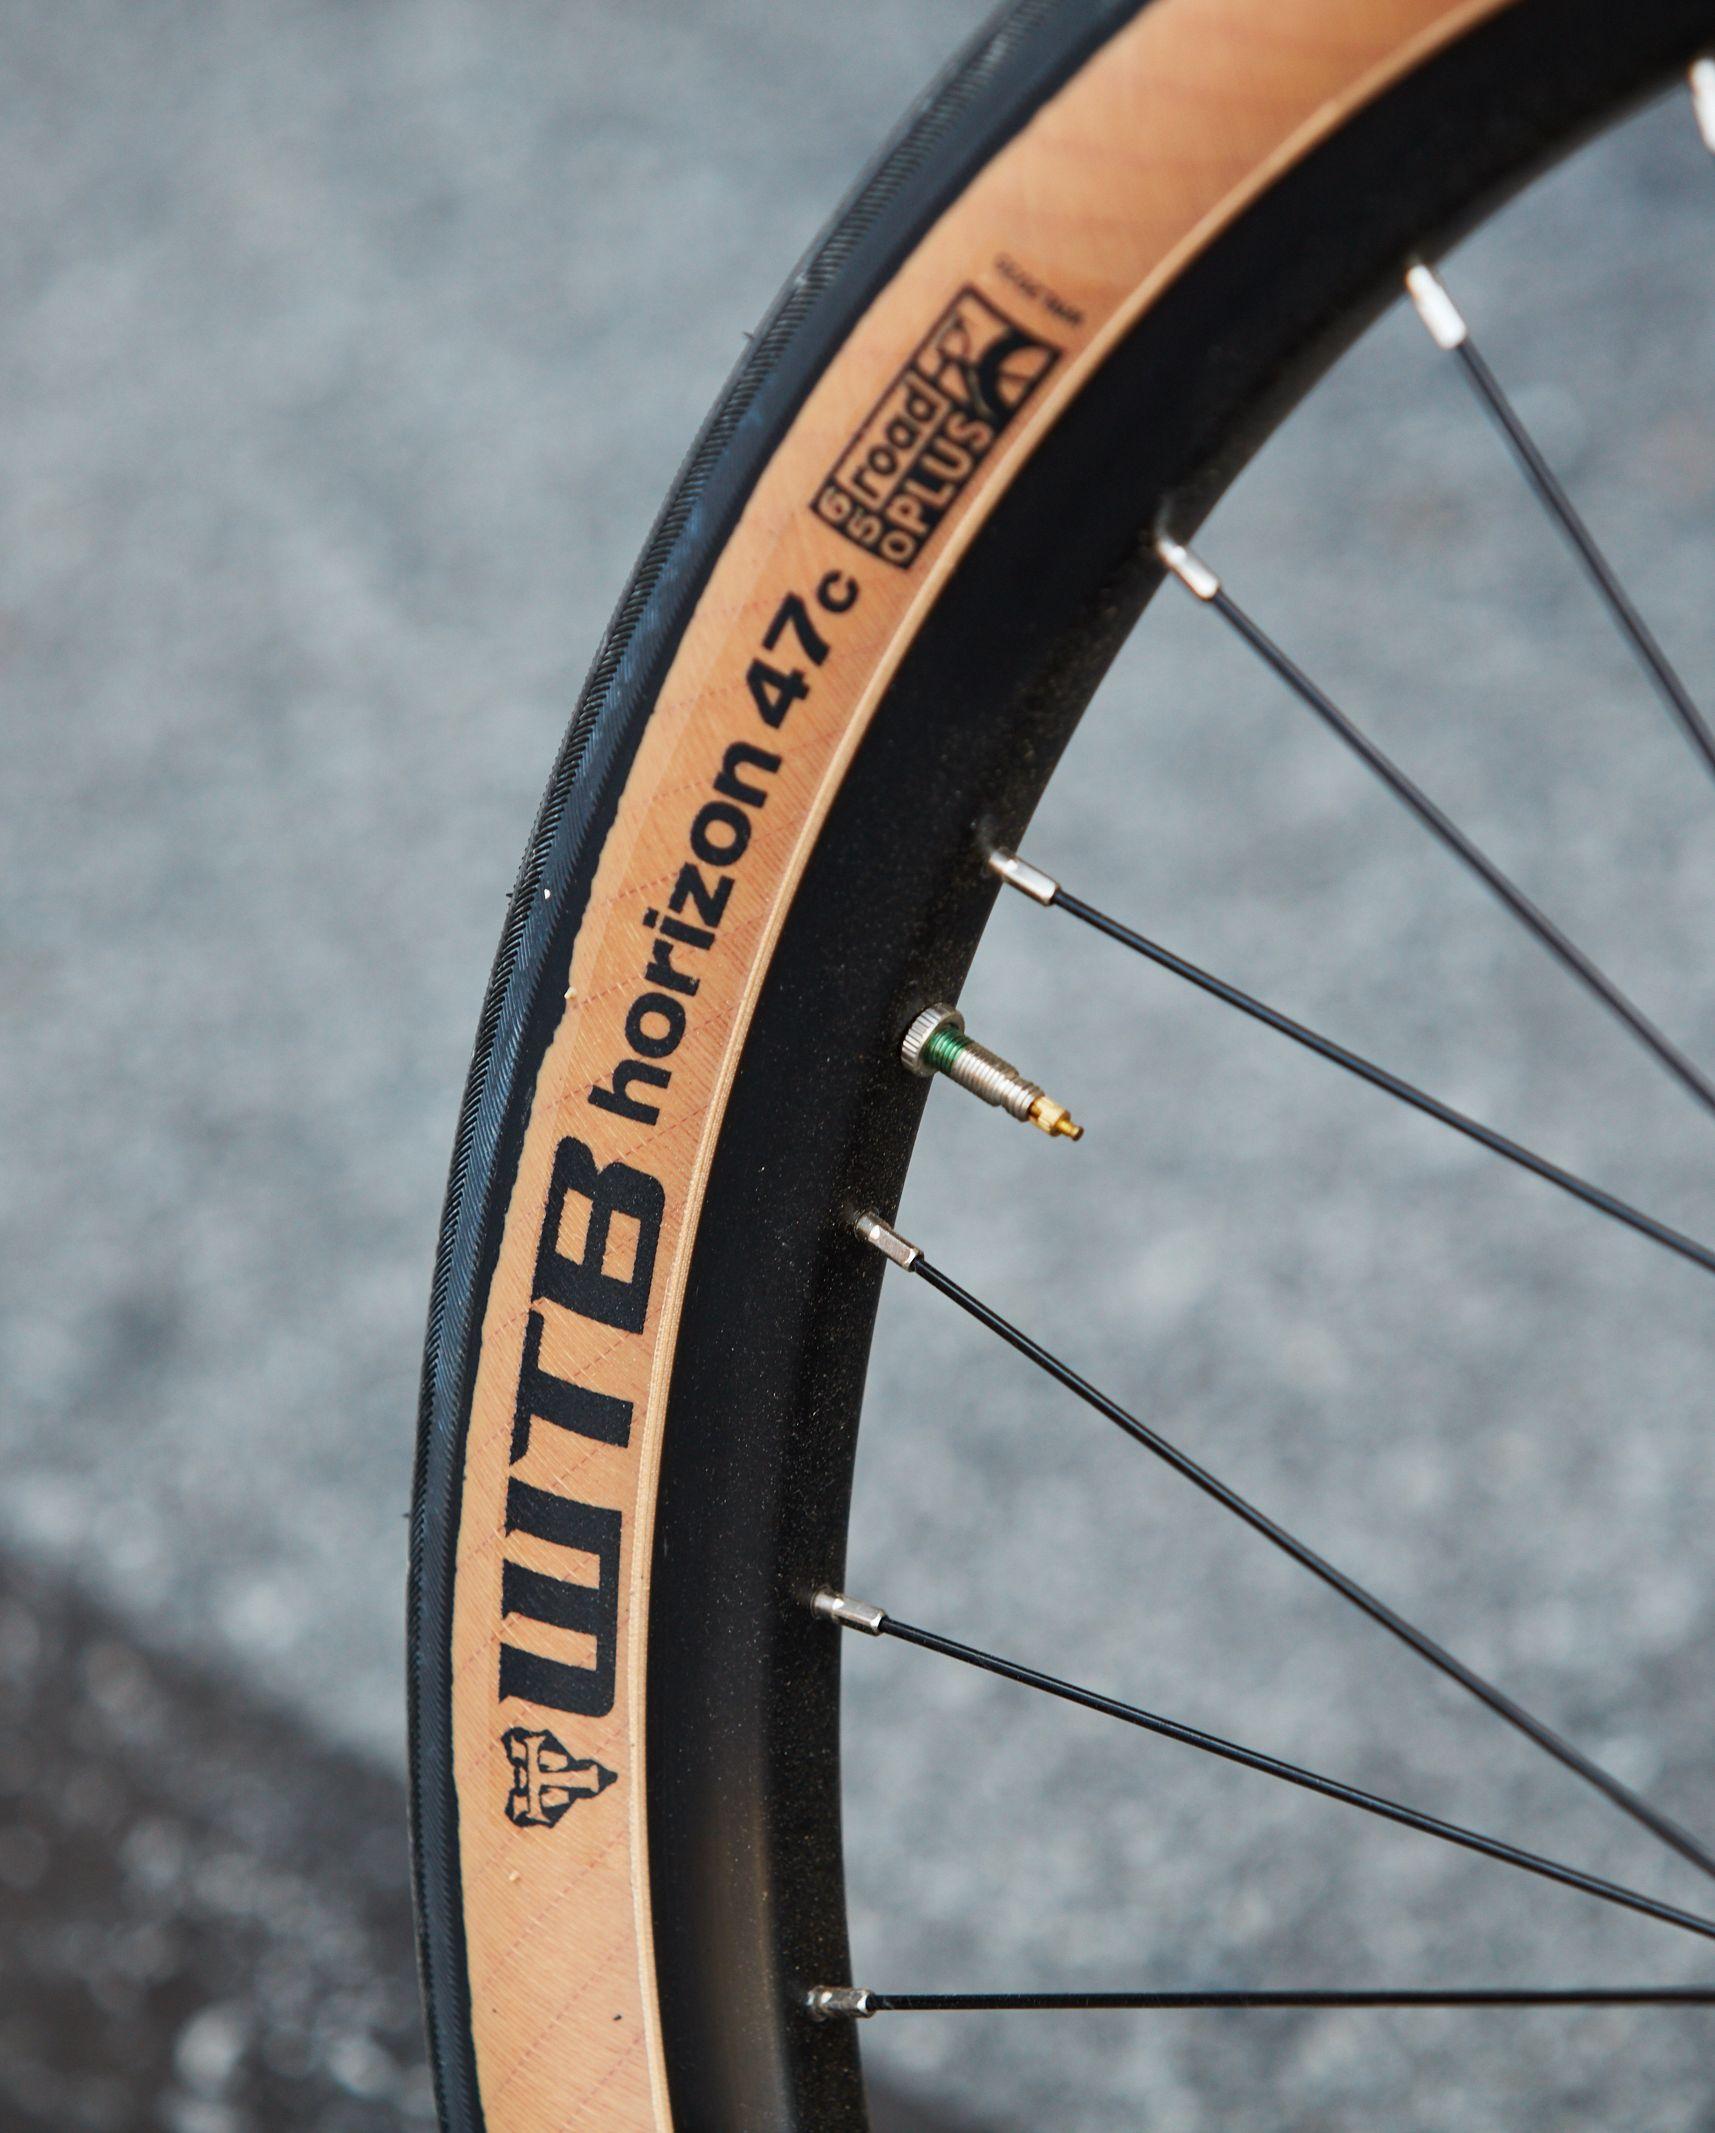 Raleigh Redux 2 WTB Horizon tires